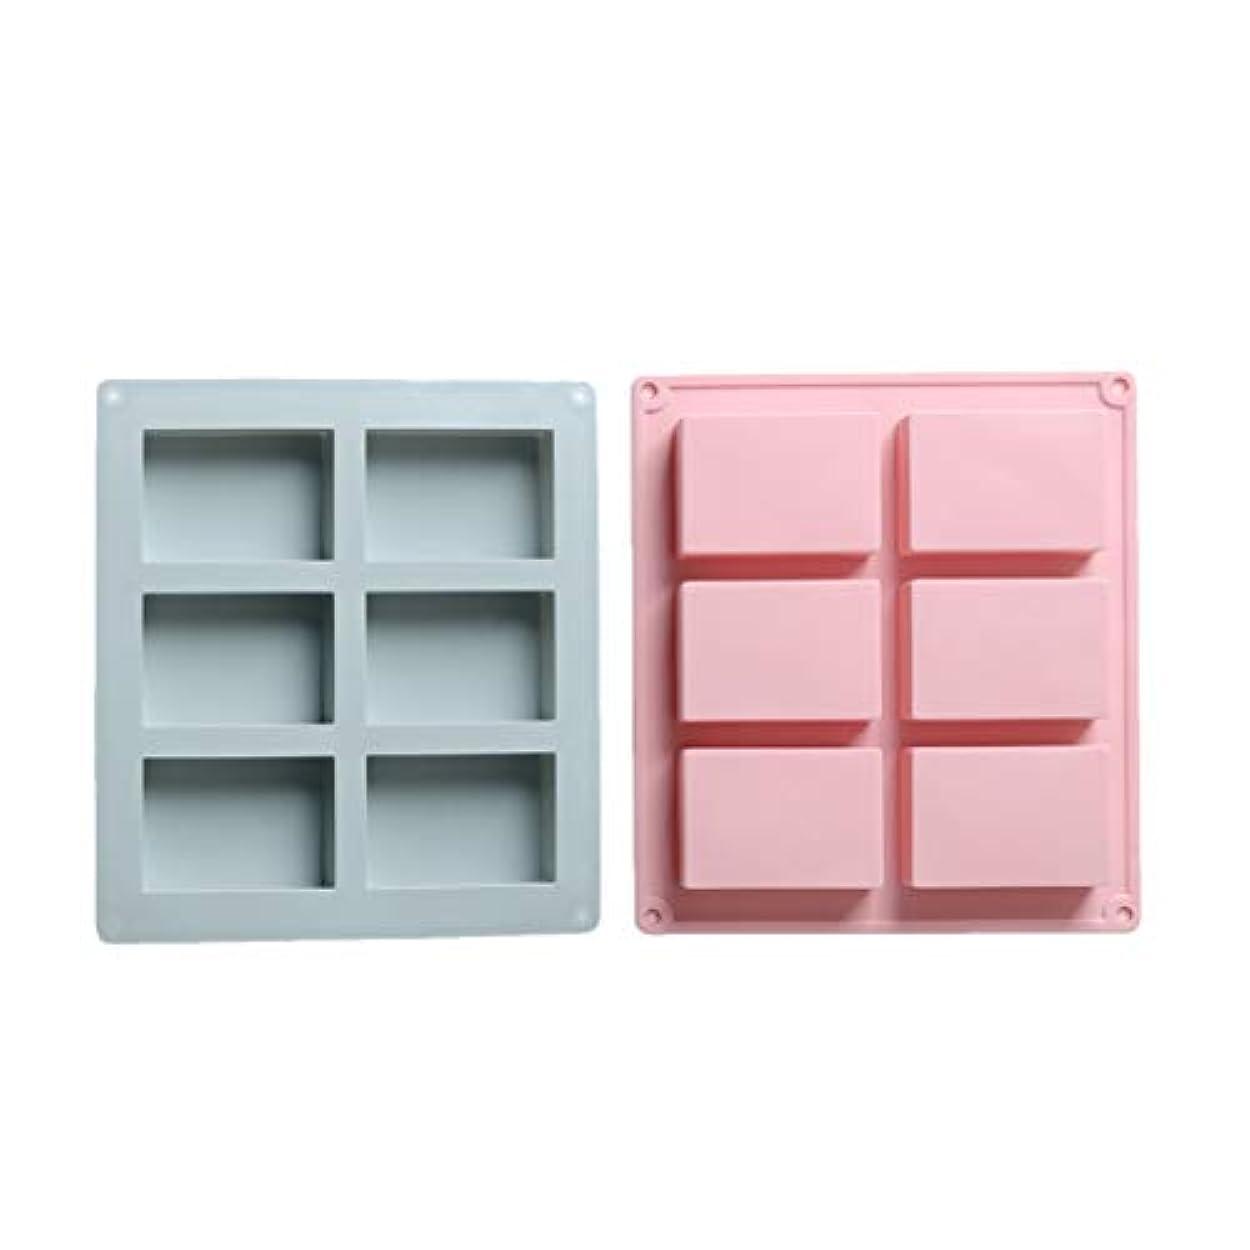 熟読受賞ケージSUPVOX シリコン長方形モールドソープチョコレートキャンドルとゼリーブラウン2個(青とピンク)を作るための6つのキャビティ